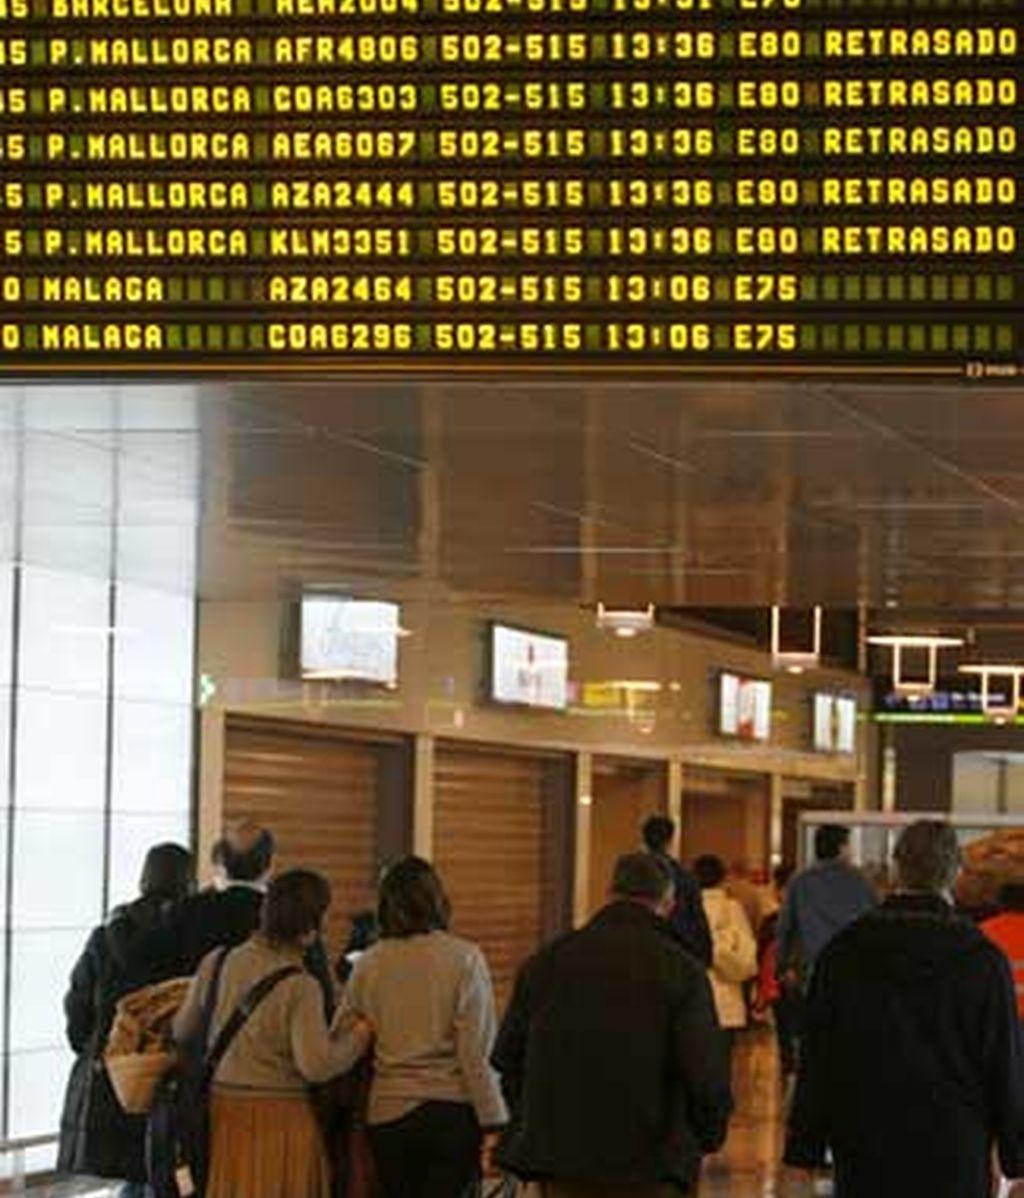 El aeropuerto de Barajas mantiene su racha de retrasos y caos en el 2009, ante la falta de controladores. Vídeo: ATLAS